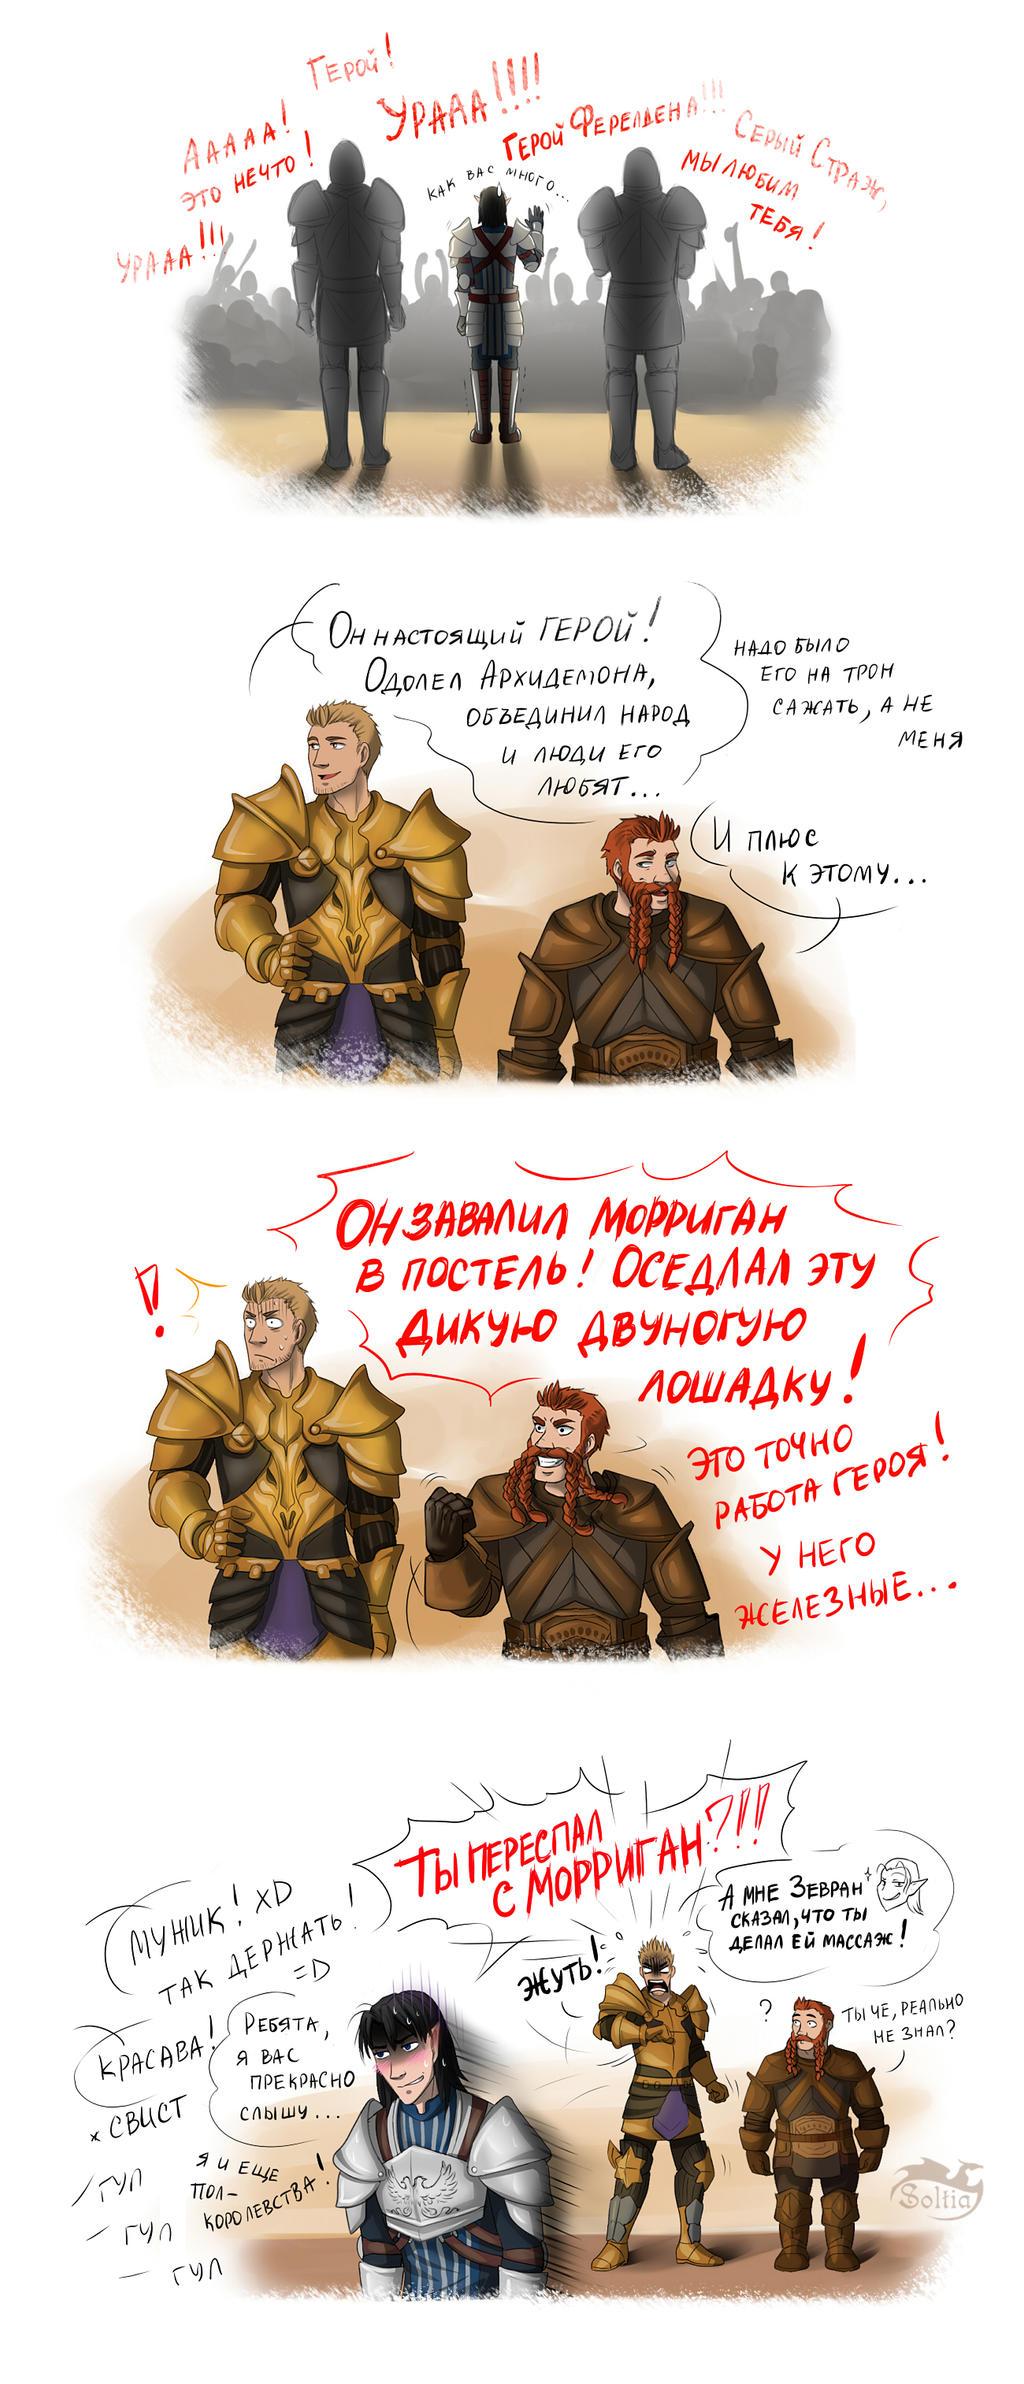 http://img01.deviantart.net/52bf/i/2014/309/b/4/the_hero_of_ferelden_by_soltia-d859r66.jpg